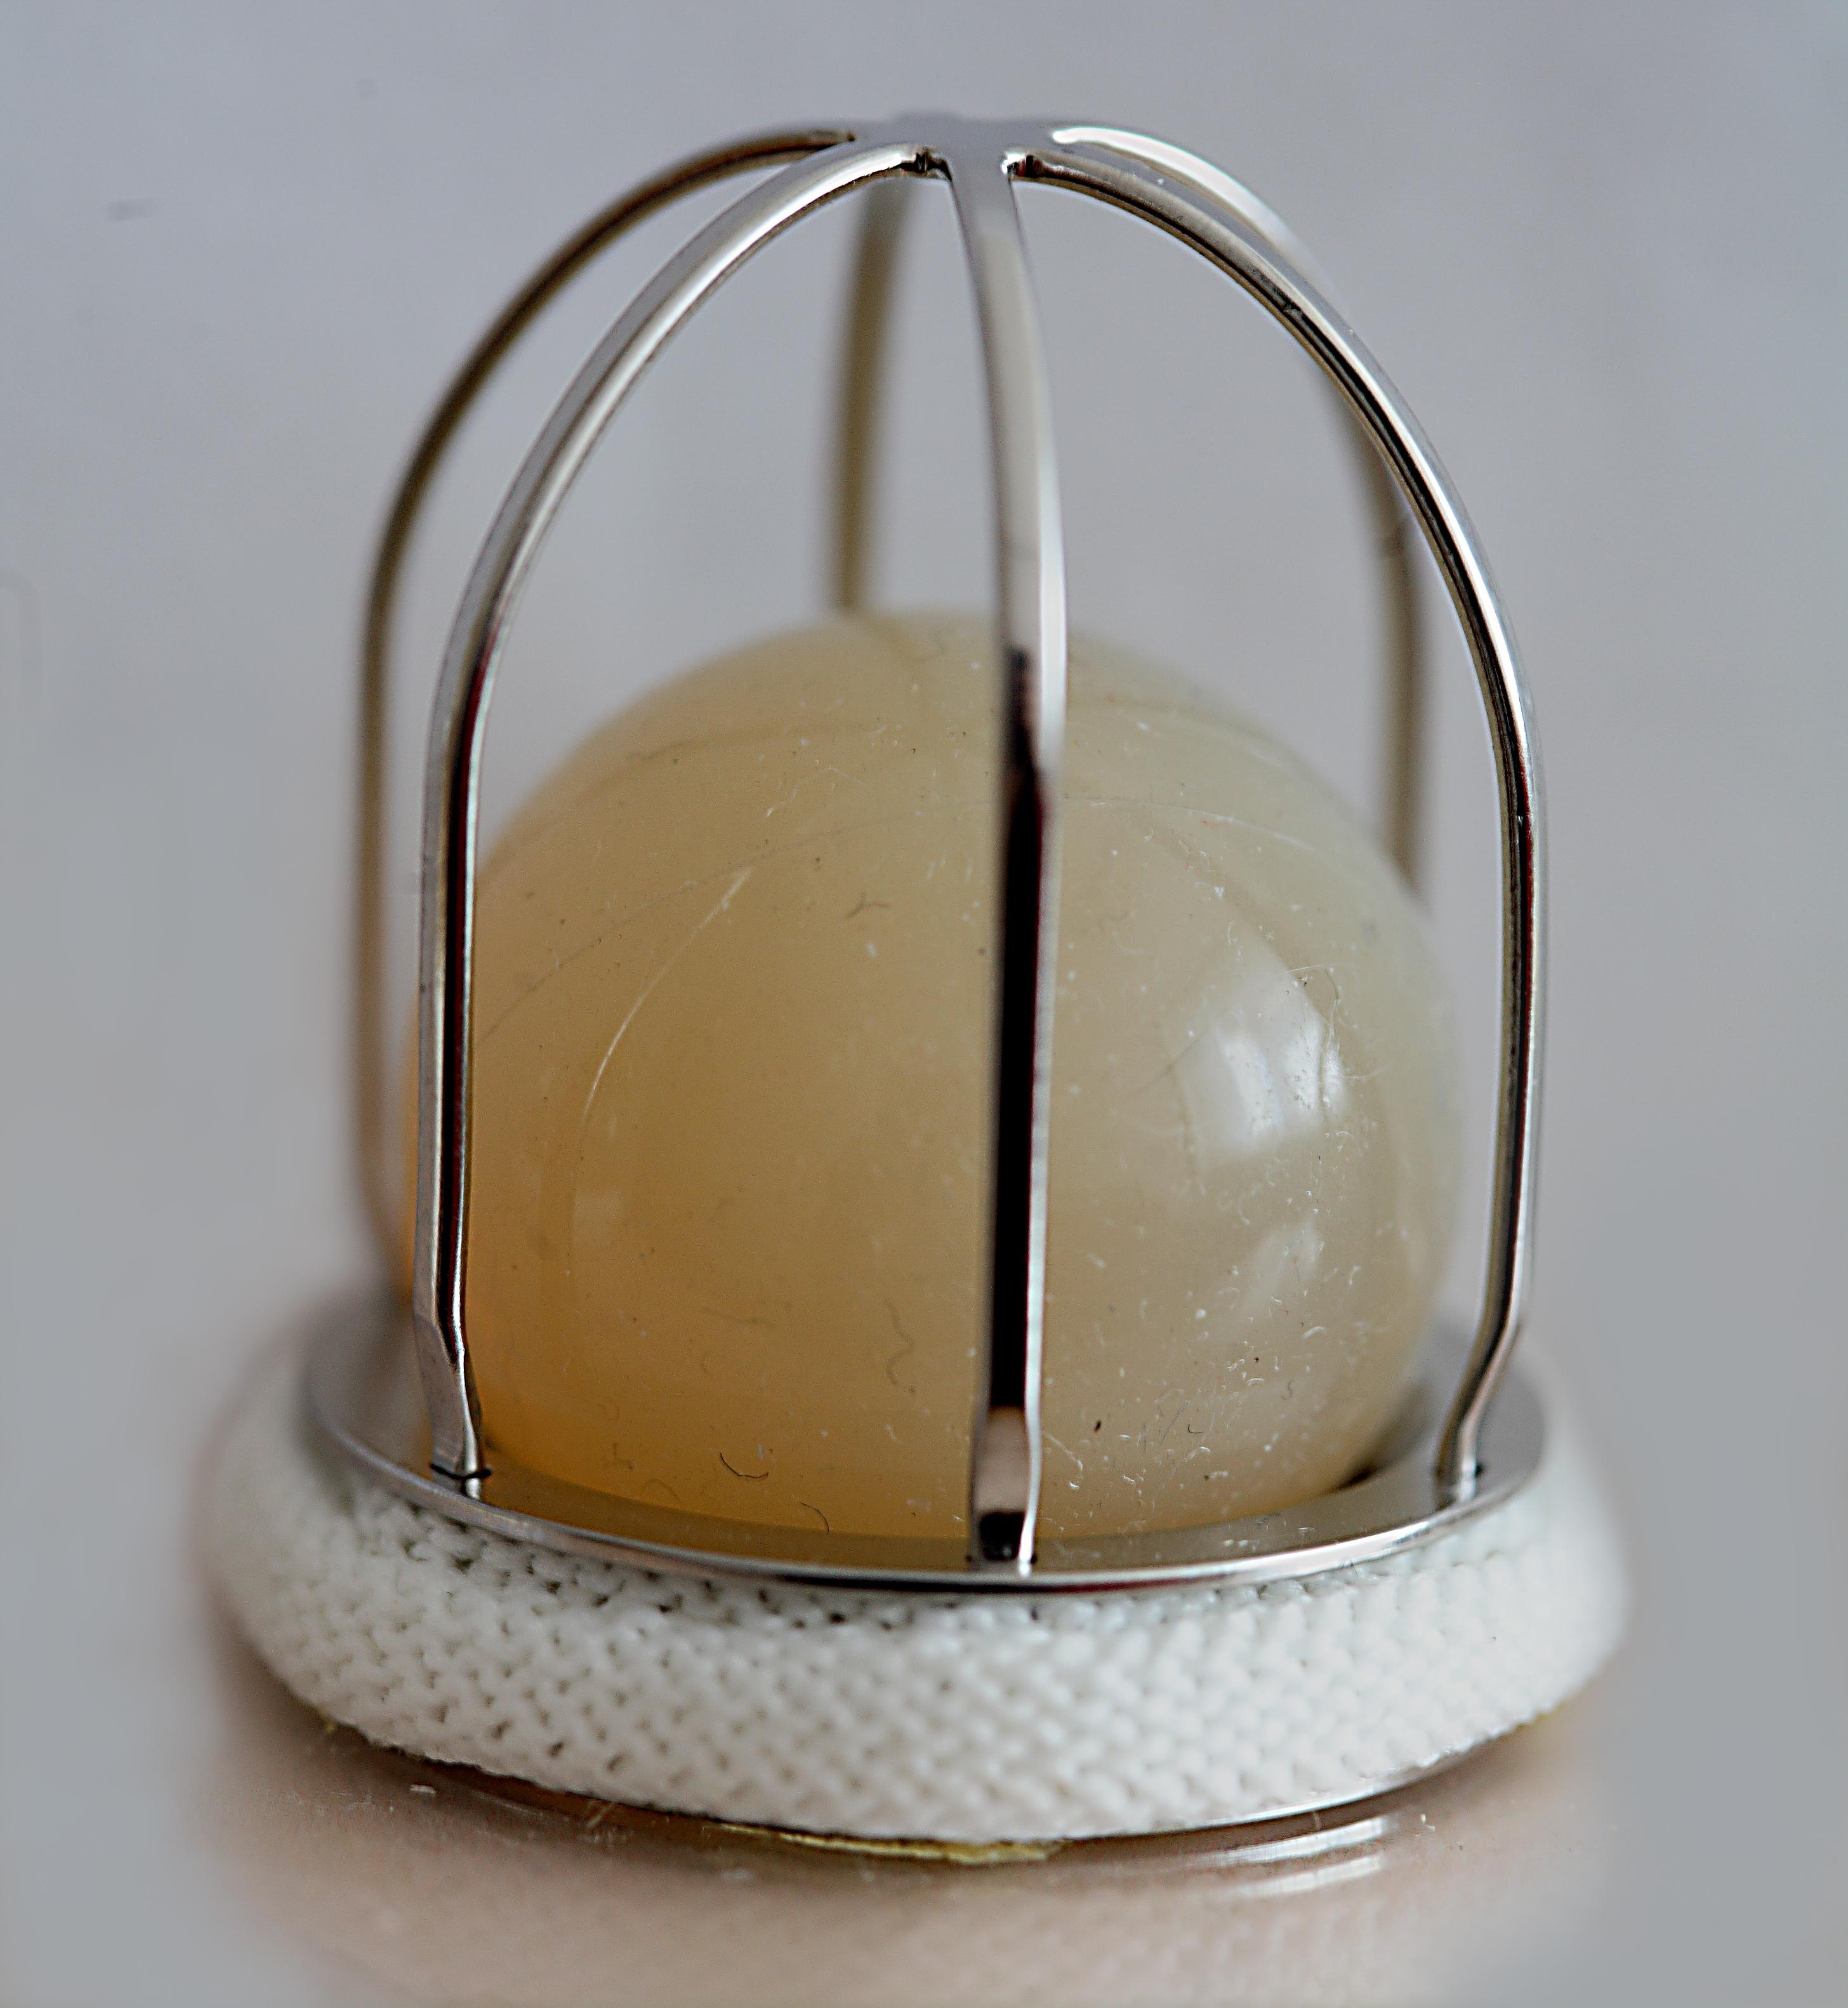 Файл:MKCH-01 artificial heart valve jpg — Википедия